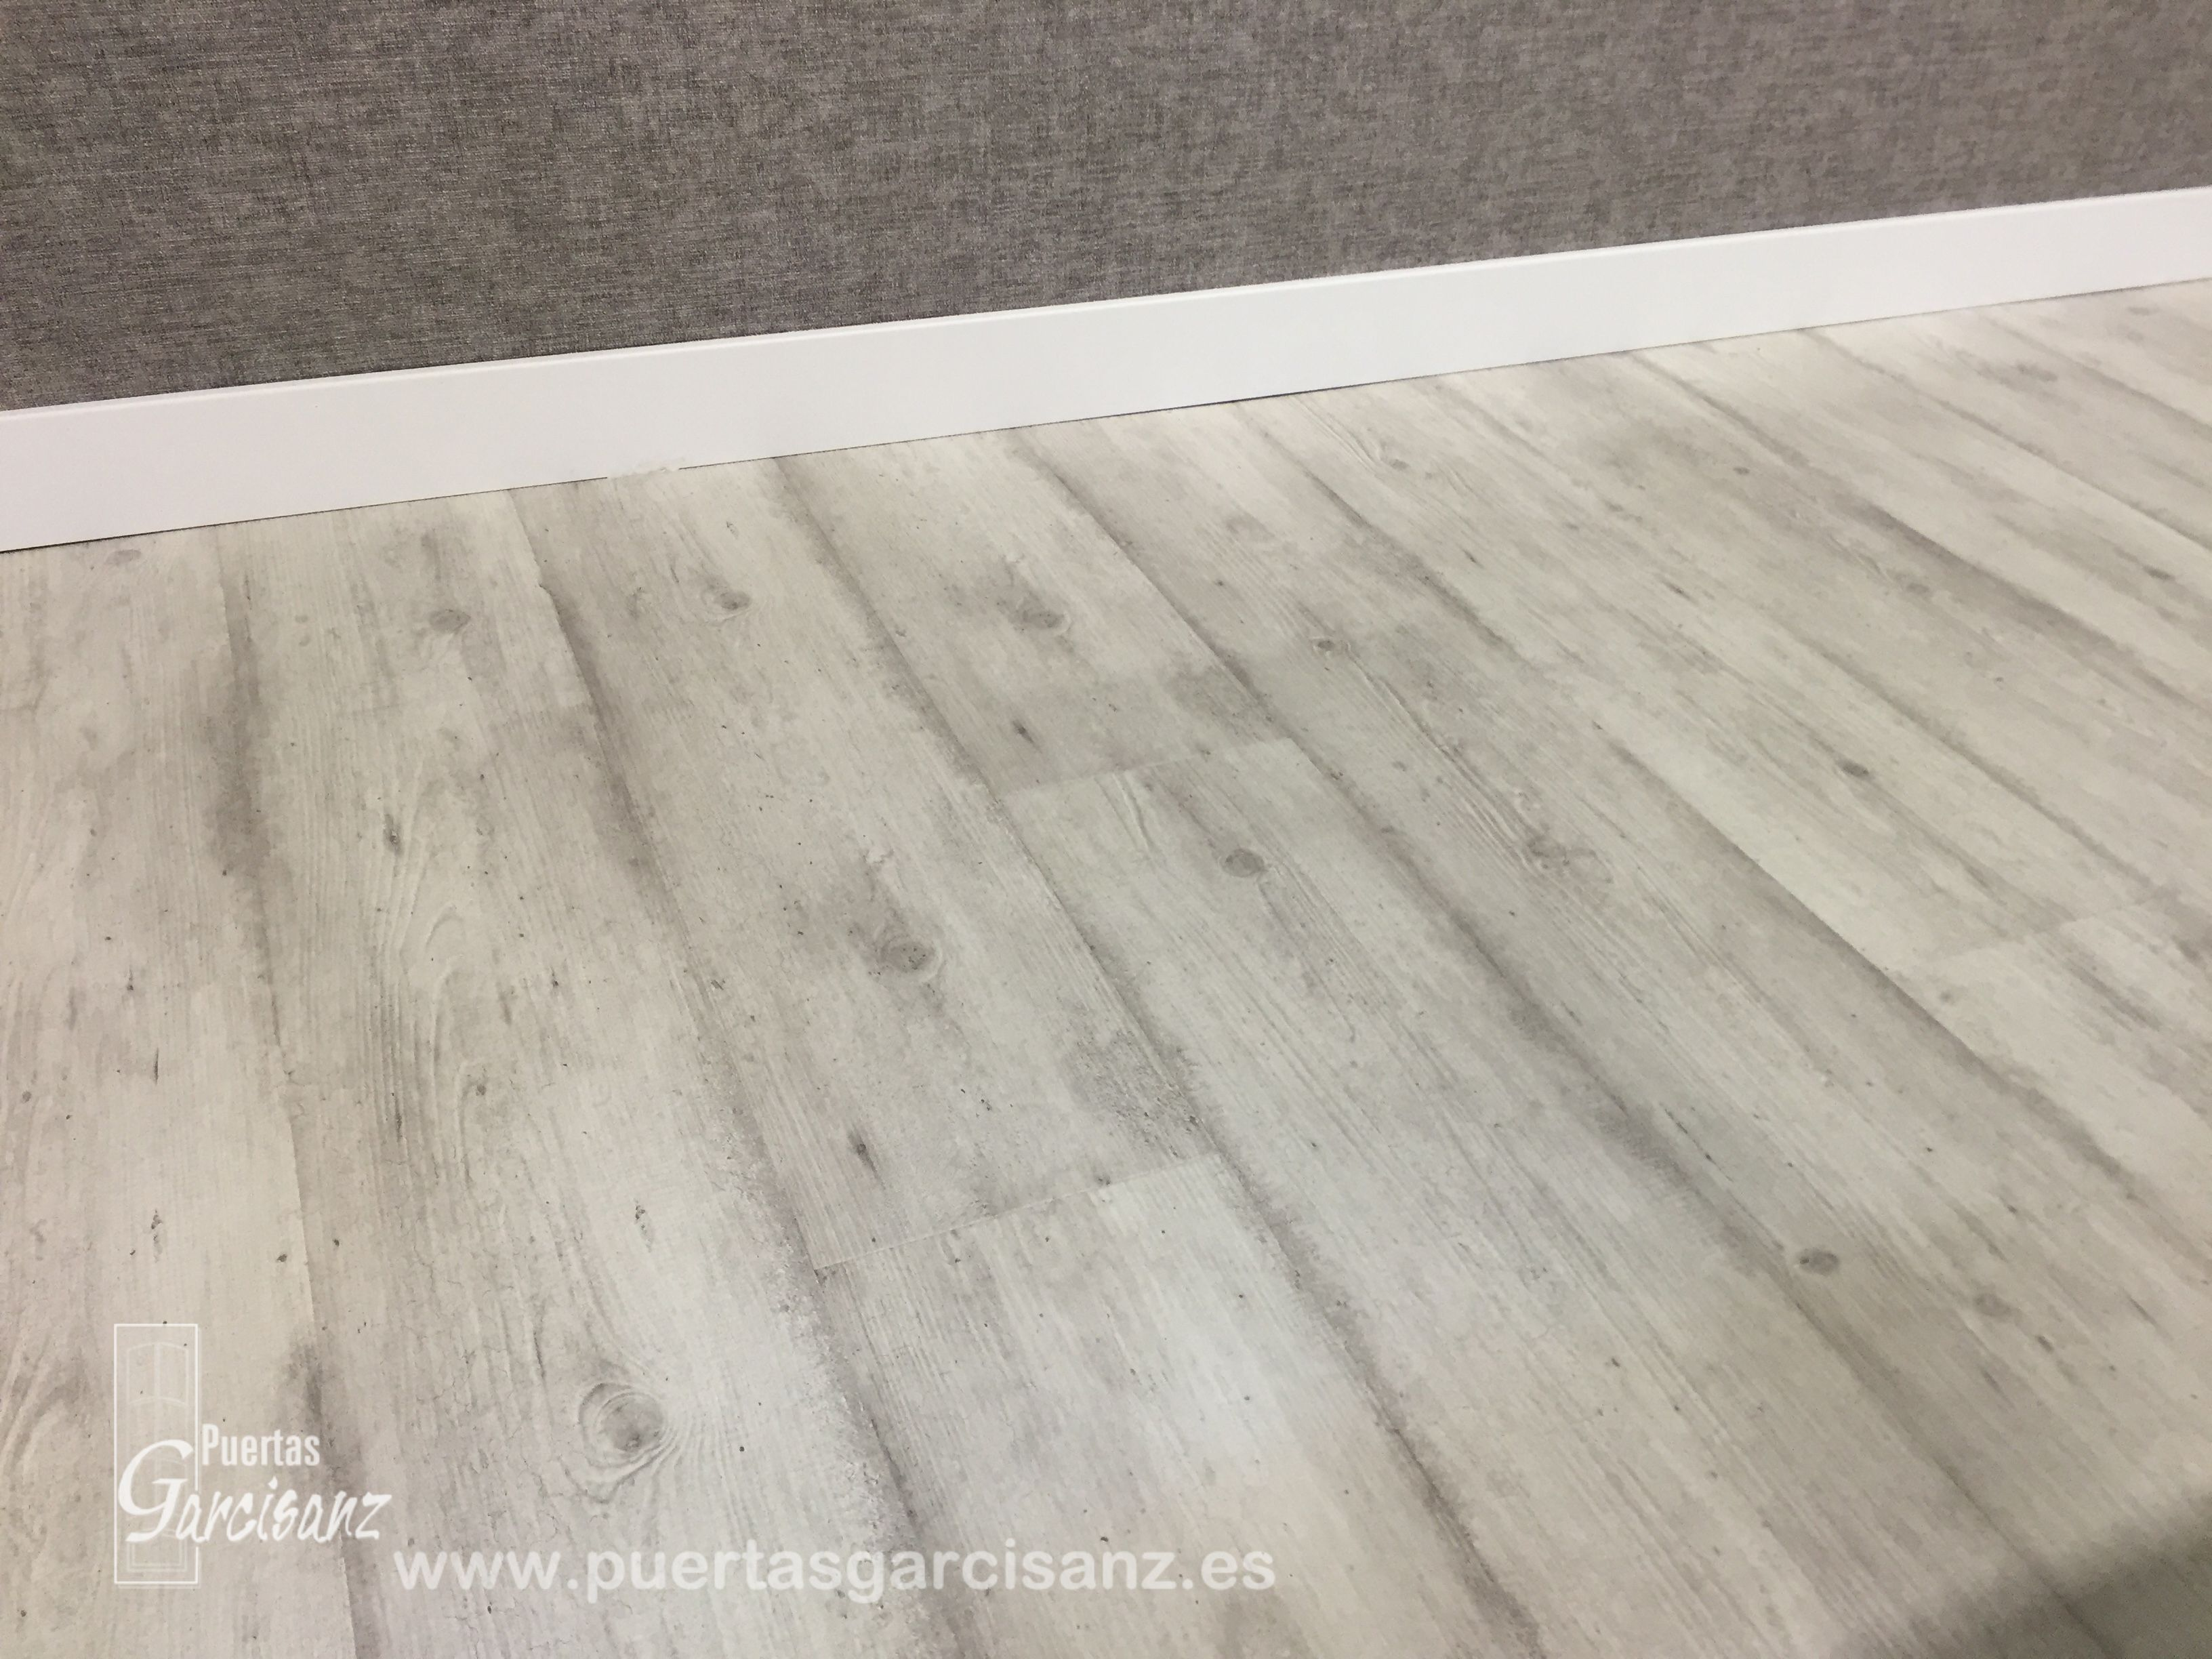 suelo laminado quick step impressive ref im 1861 cemento gris claro en planchas